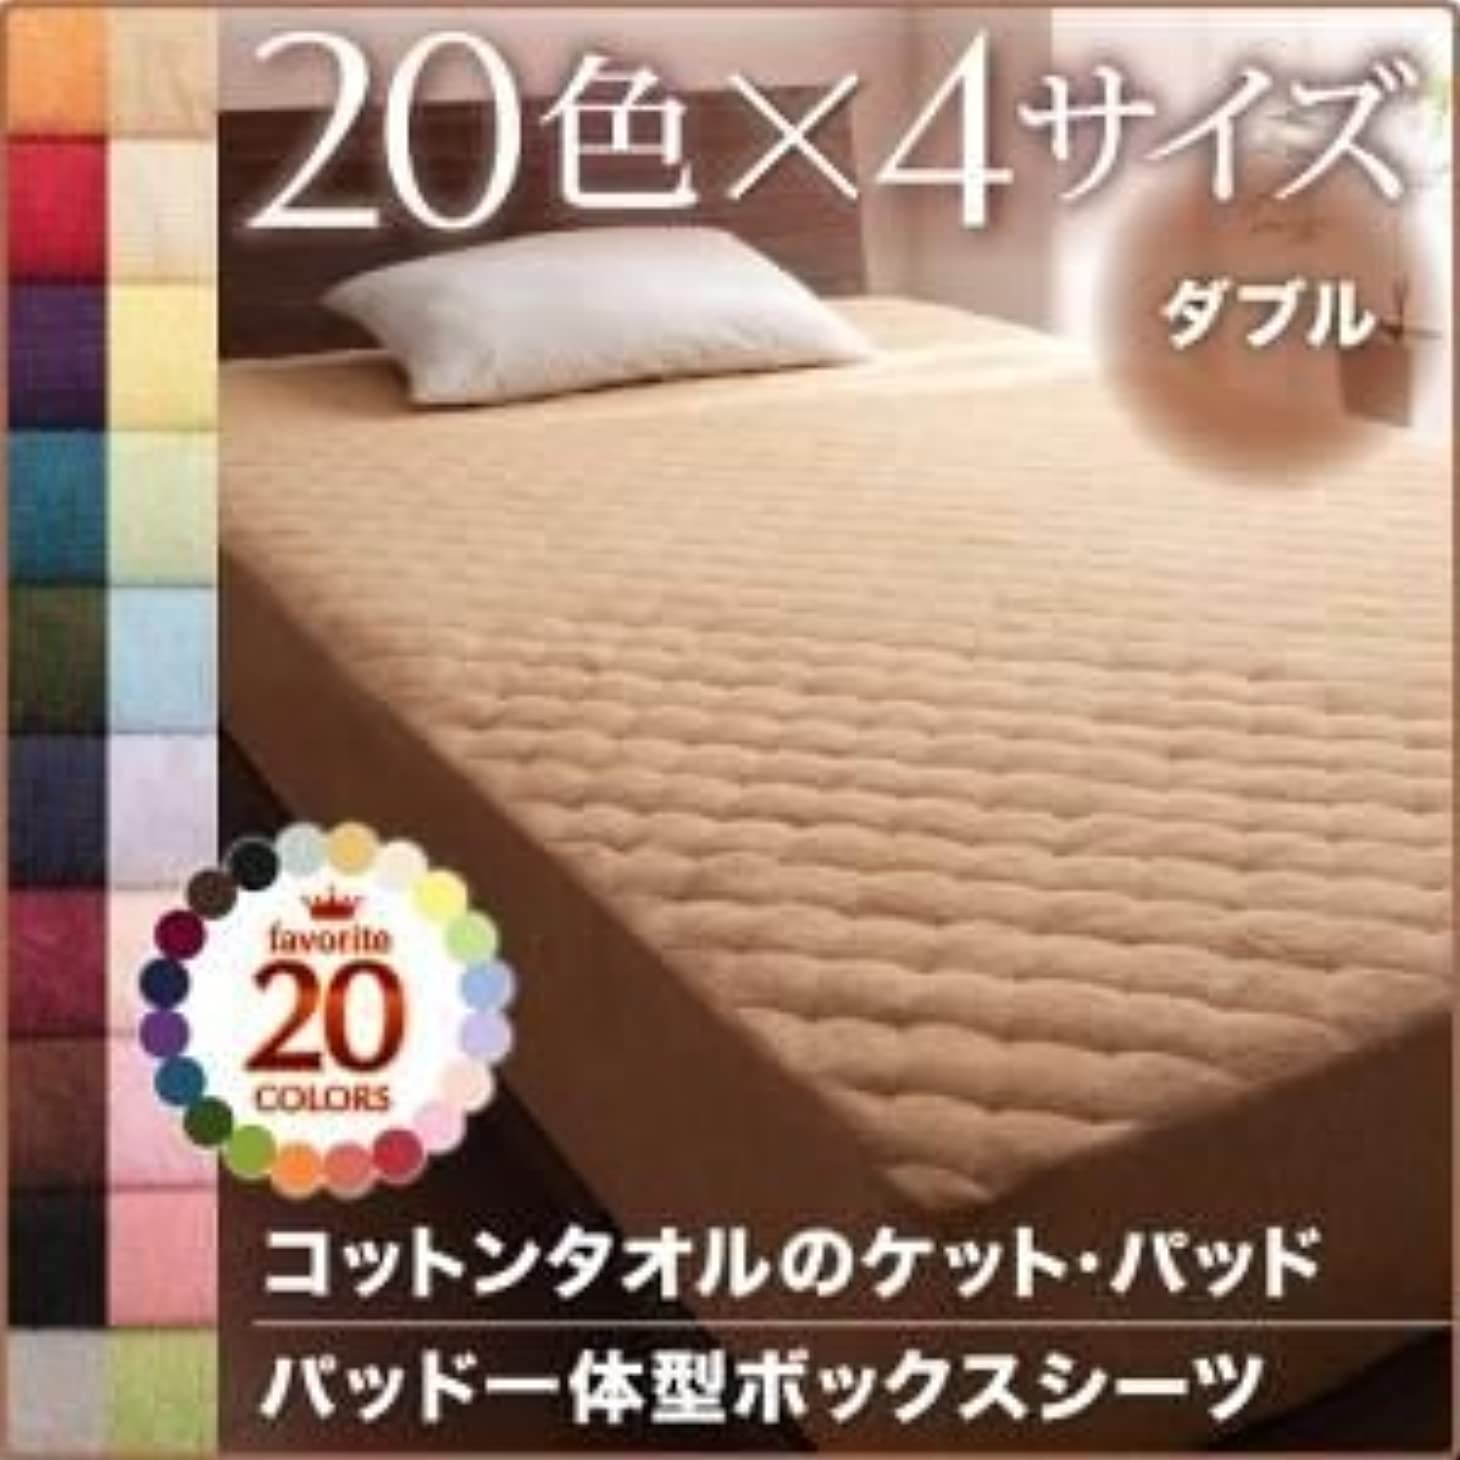 翻訳者セクションなくなる【単品】パッド一体型ボックスシーツ ダブル モカブラウン 20色から選べる!365日気持ちいい!コットンタオルパッド一体型ボックスシーツ